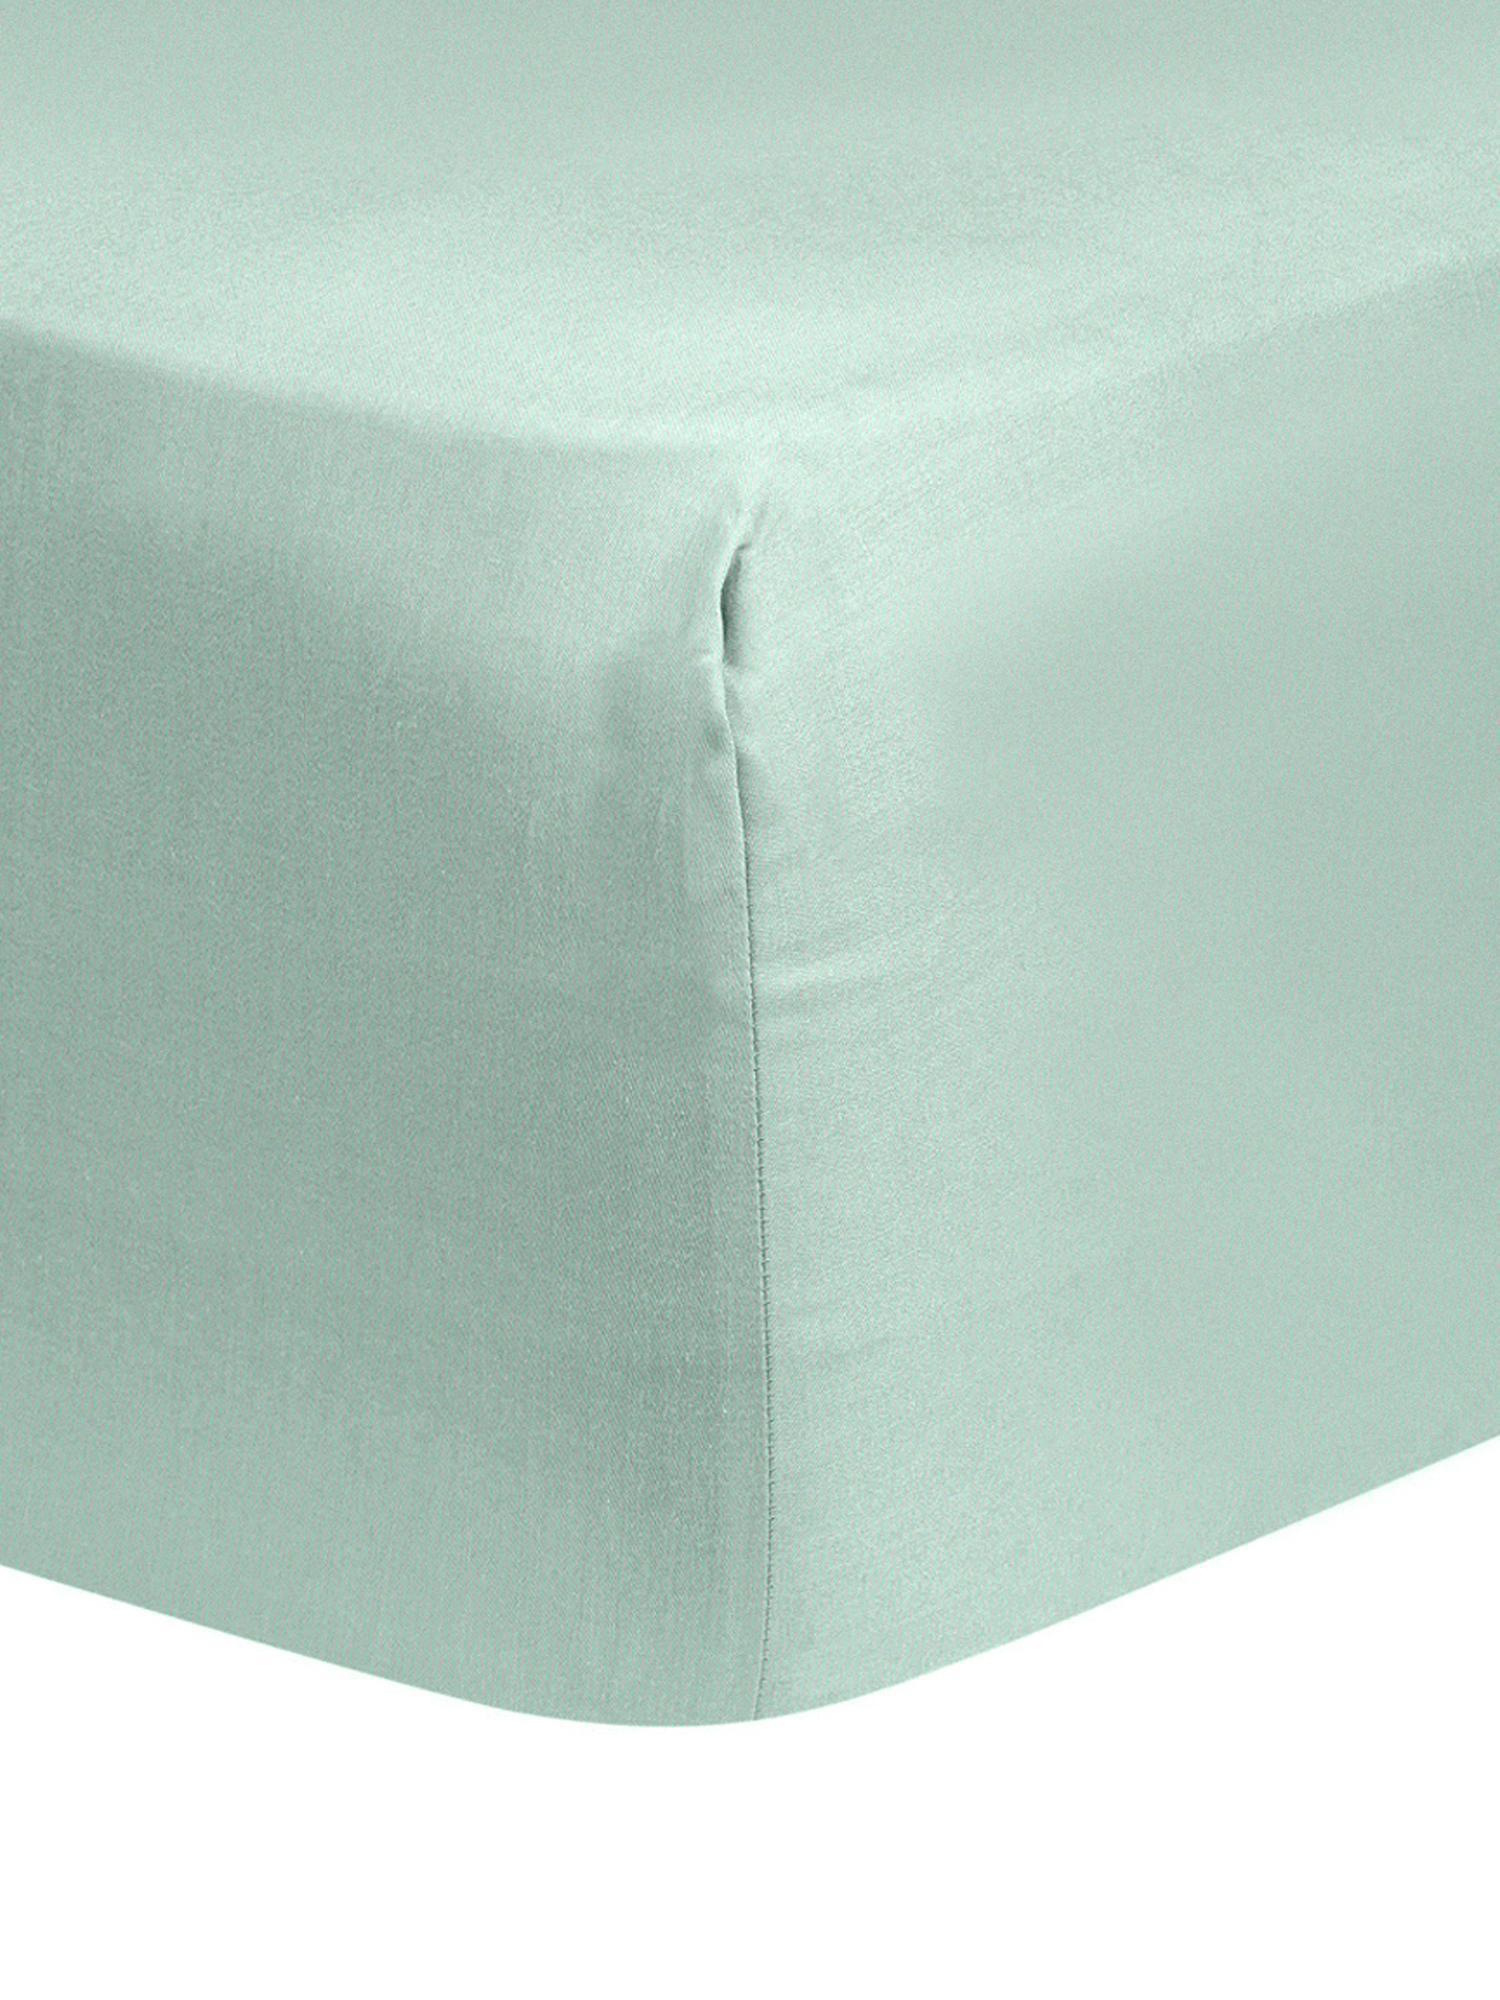 Katoensatijnen hoeslaken Comfort, Weeftechniek: satijn, licht glanzend, Saliegroen, 90 x 200 cm